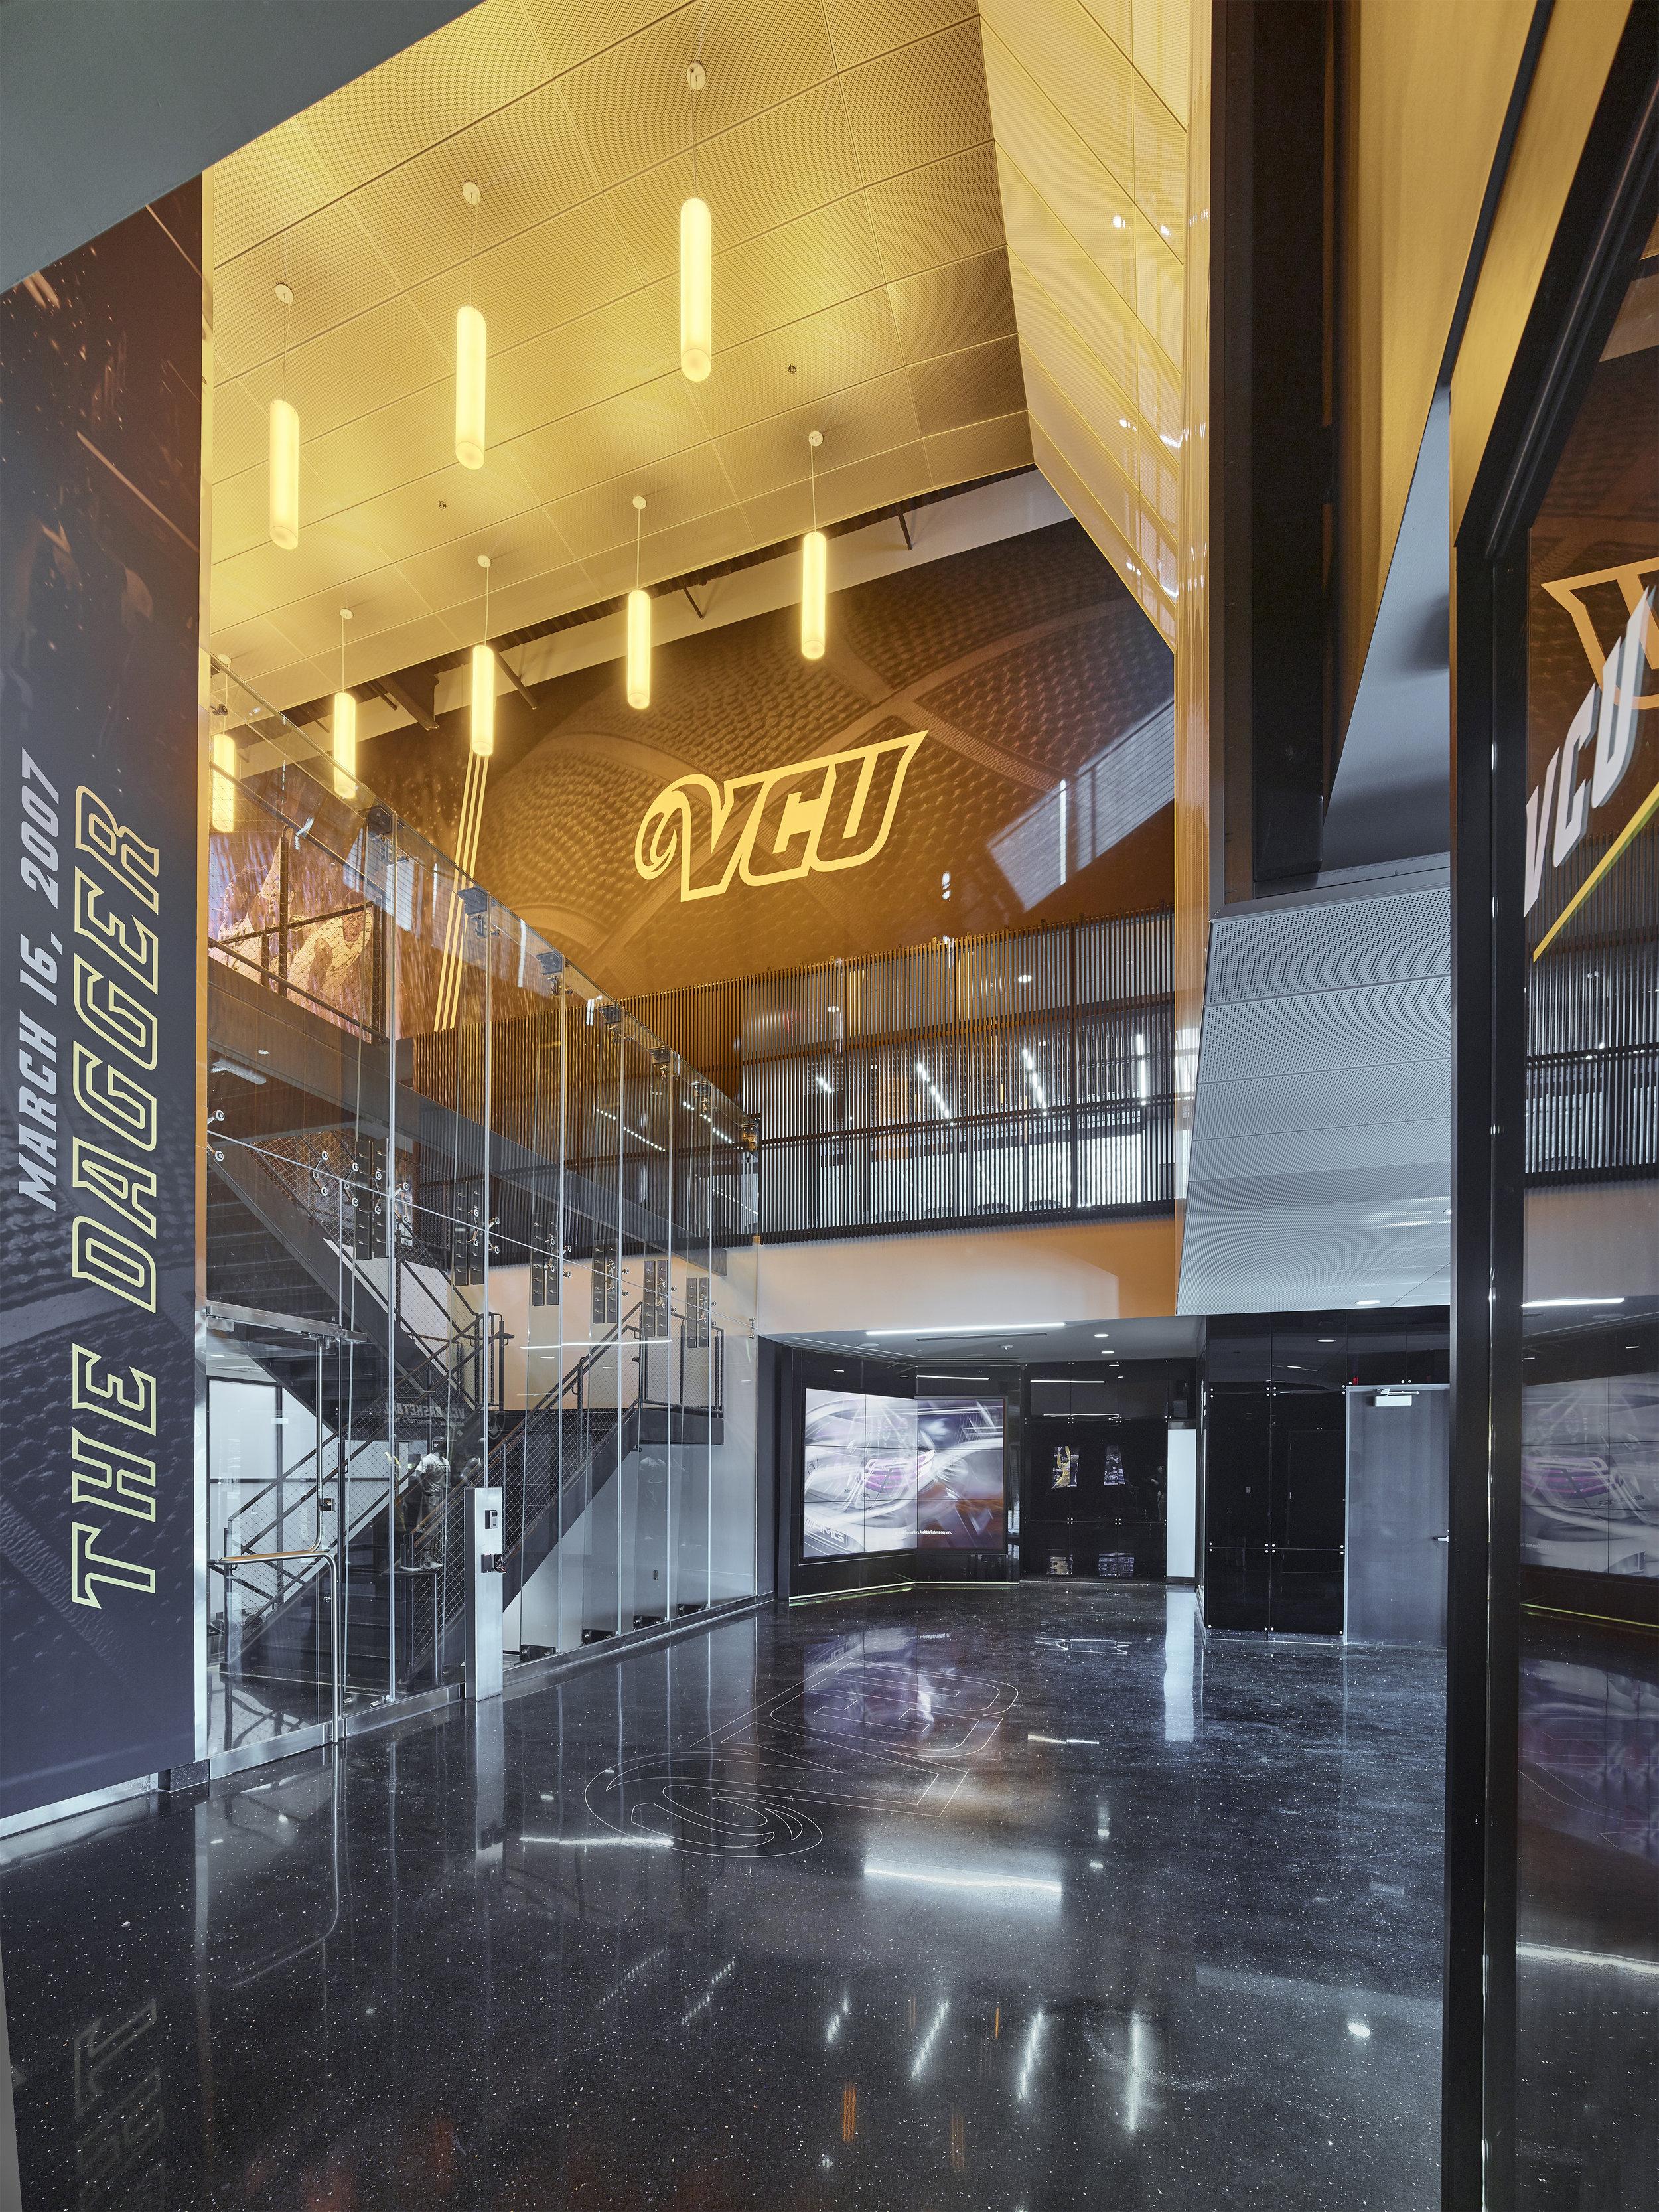 VCU_Basketball_Development_Center_5